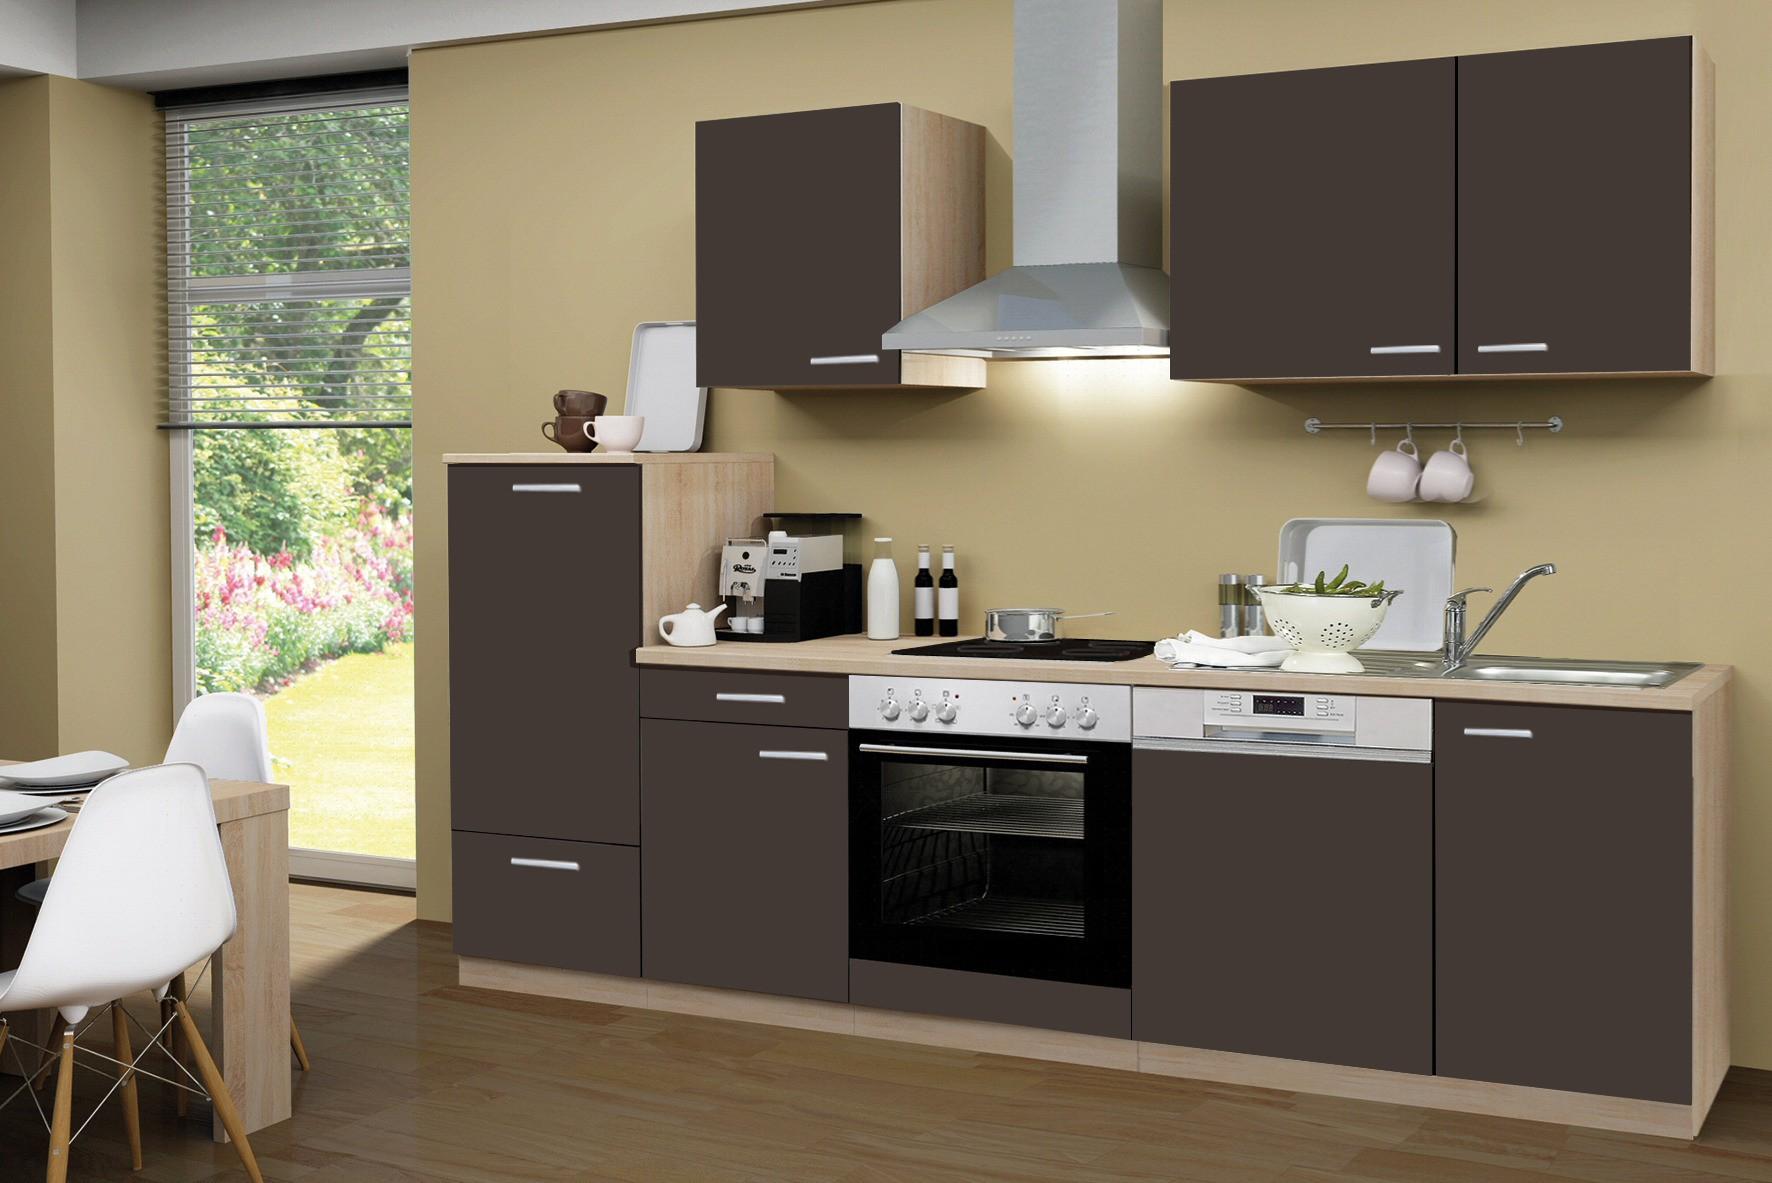 k chenzeile g teborg mit e ger ten und glaskeramikkochfeld breite 280 cm schoko braun. Black Bedroom Furniture Sets. Home Design Ideas